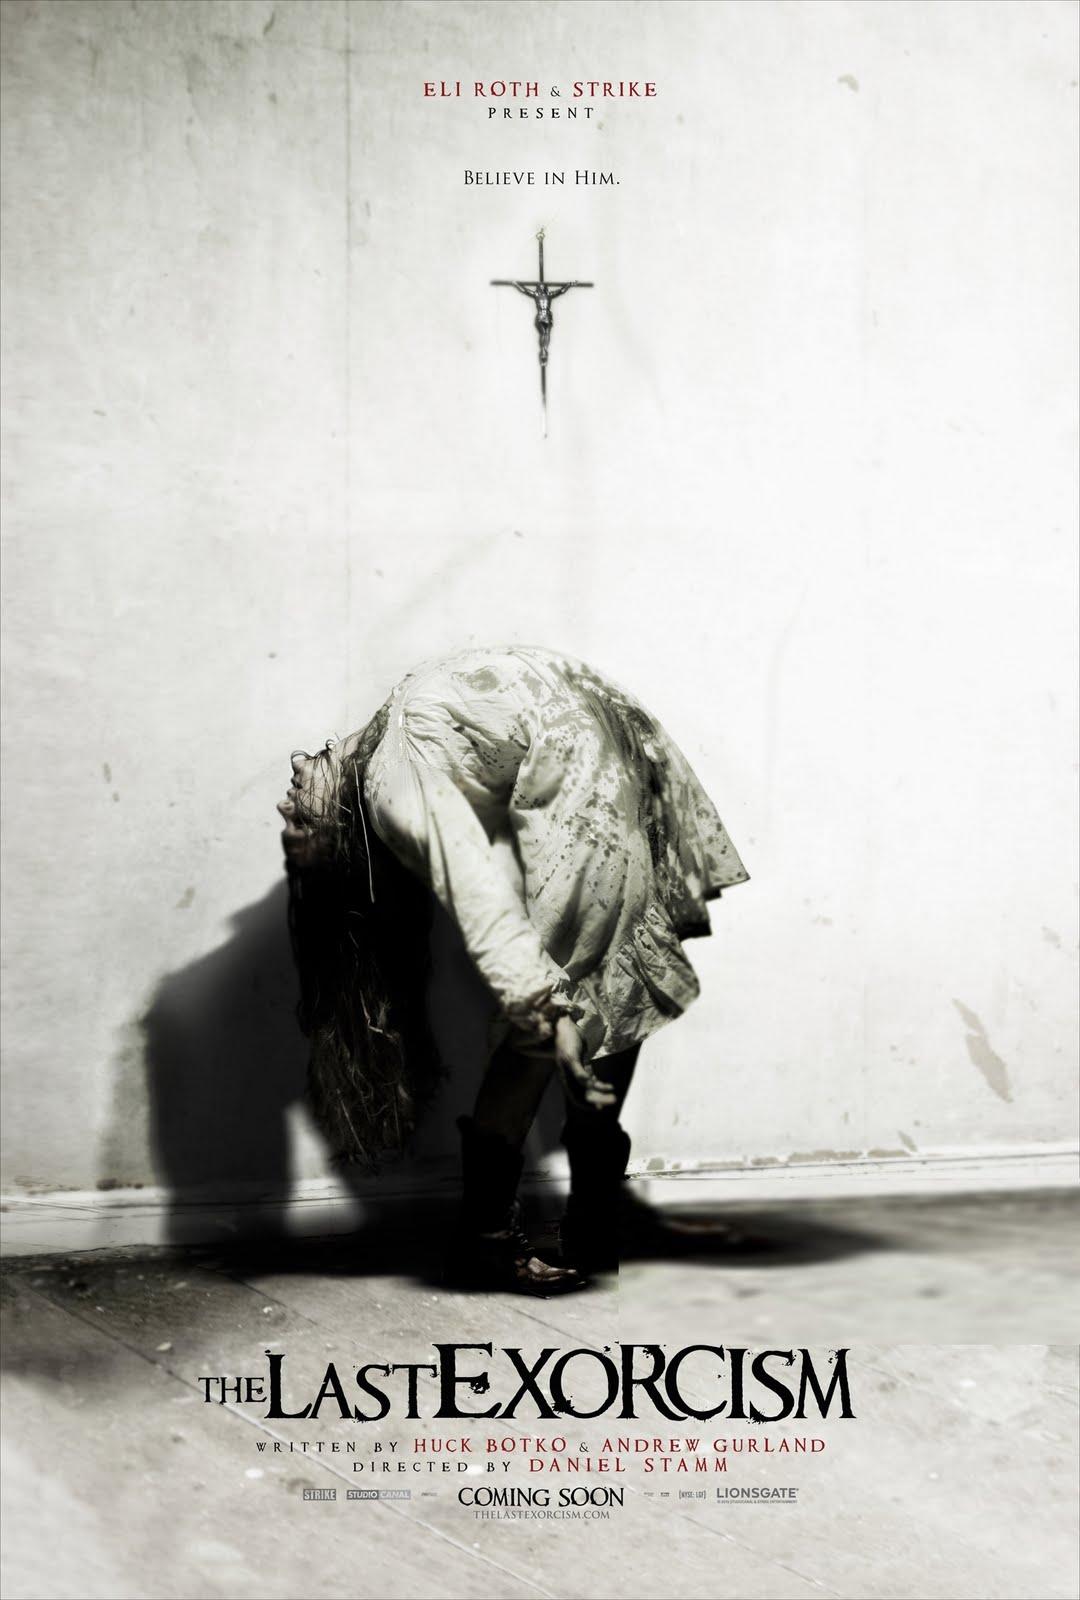 http://1.bp.blogspot.com/_LHPqC633taw/TFsK-d9ioZI/AAAAAAAAANA/g_St833bWU8/s1600/The-Last-Exorcism-New-Poster.jpg